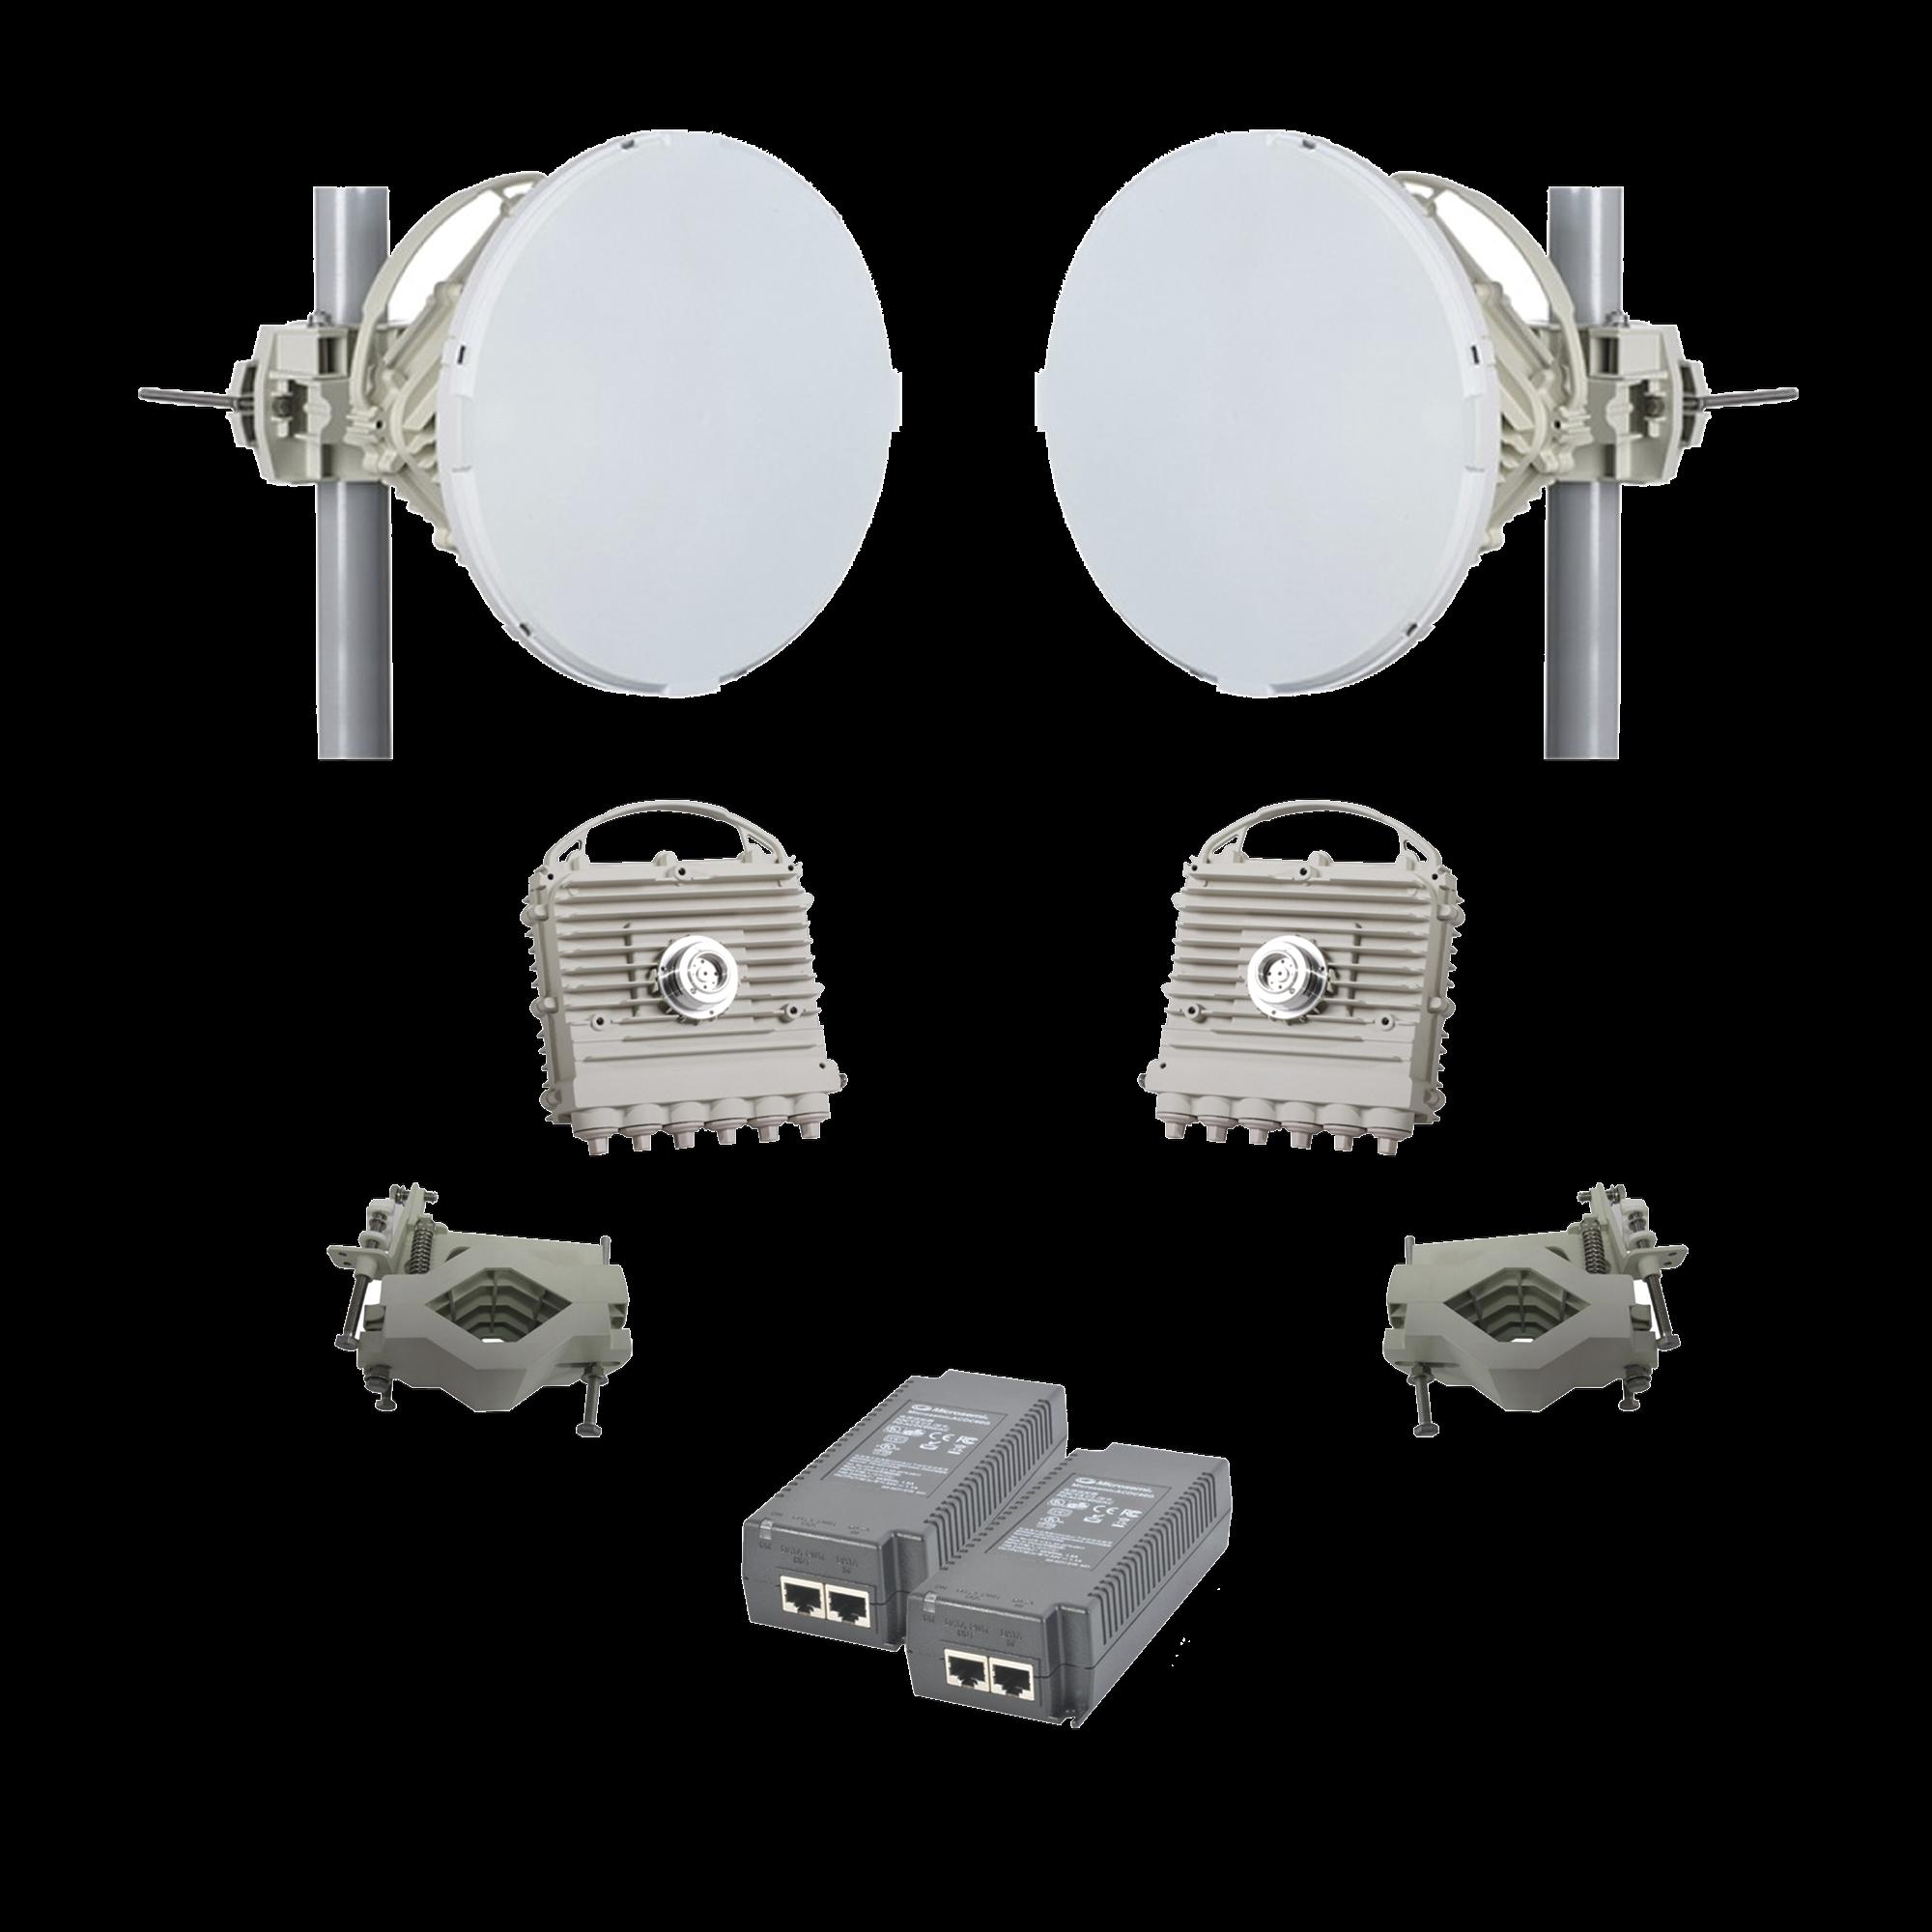 Enlace completo EH-5500-FD con  antenas de 1 pie / 2 Gbps Full Duplex (Actualizable a 5 Gbps) en Banda Libre